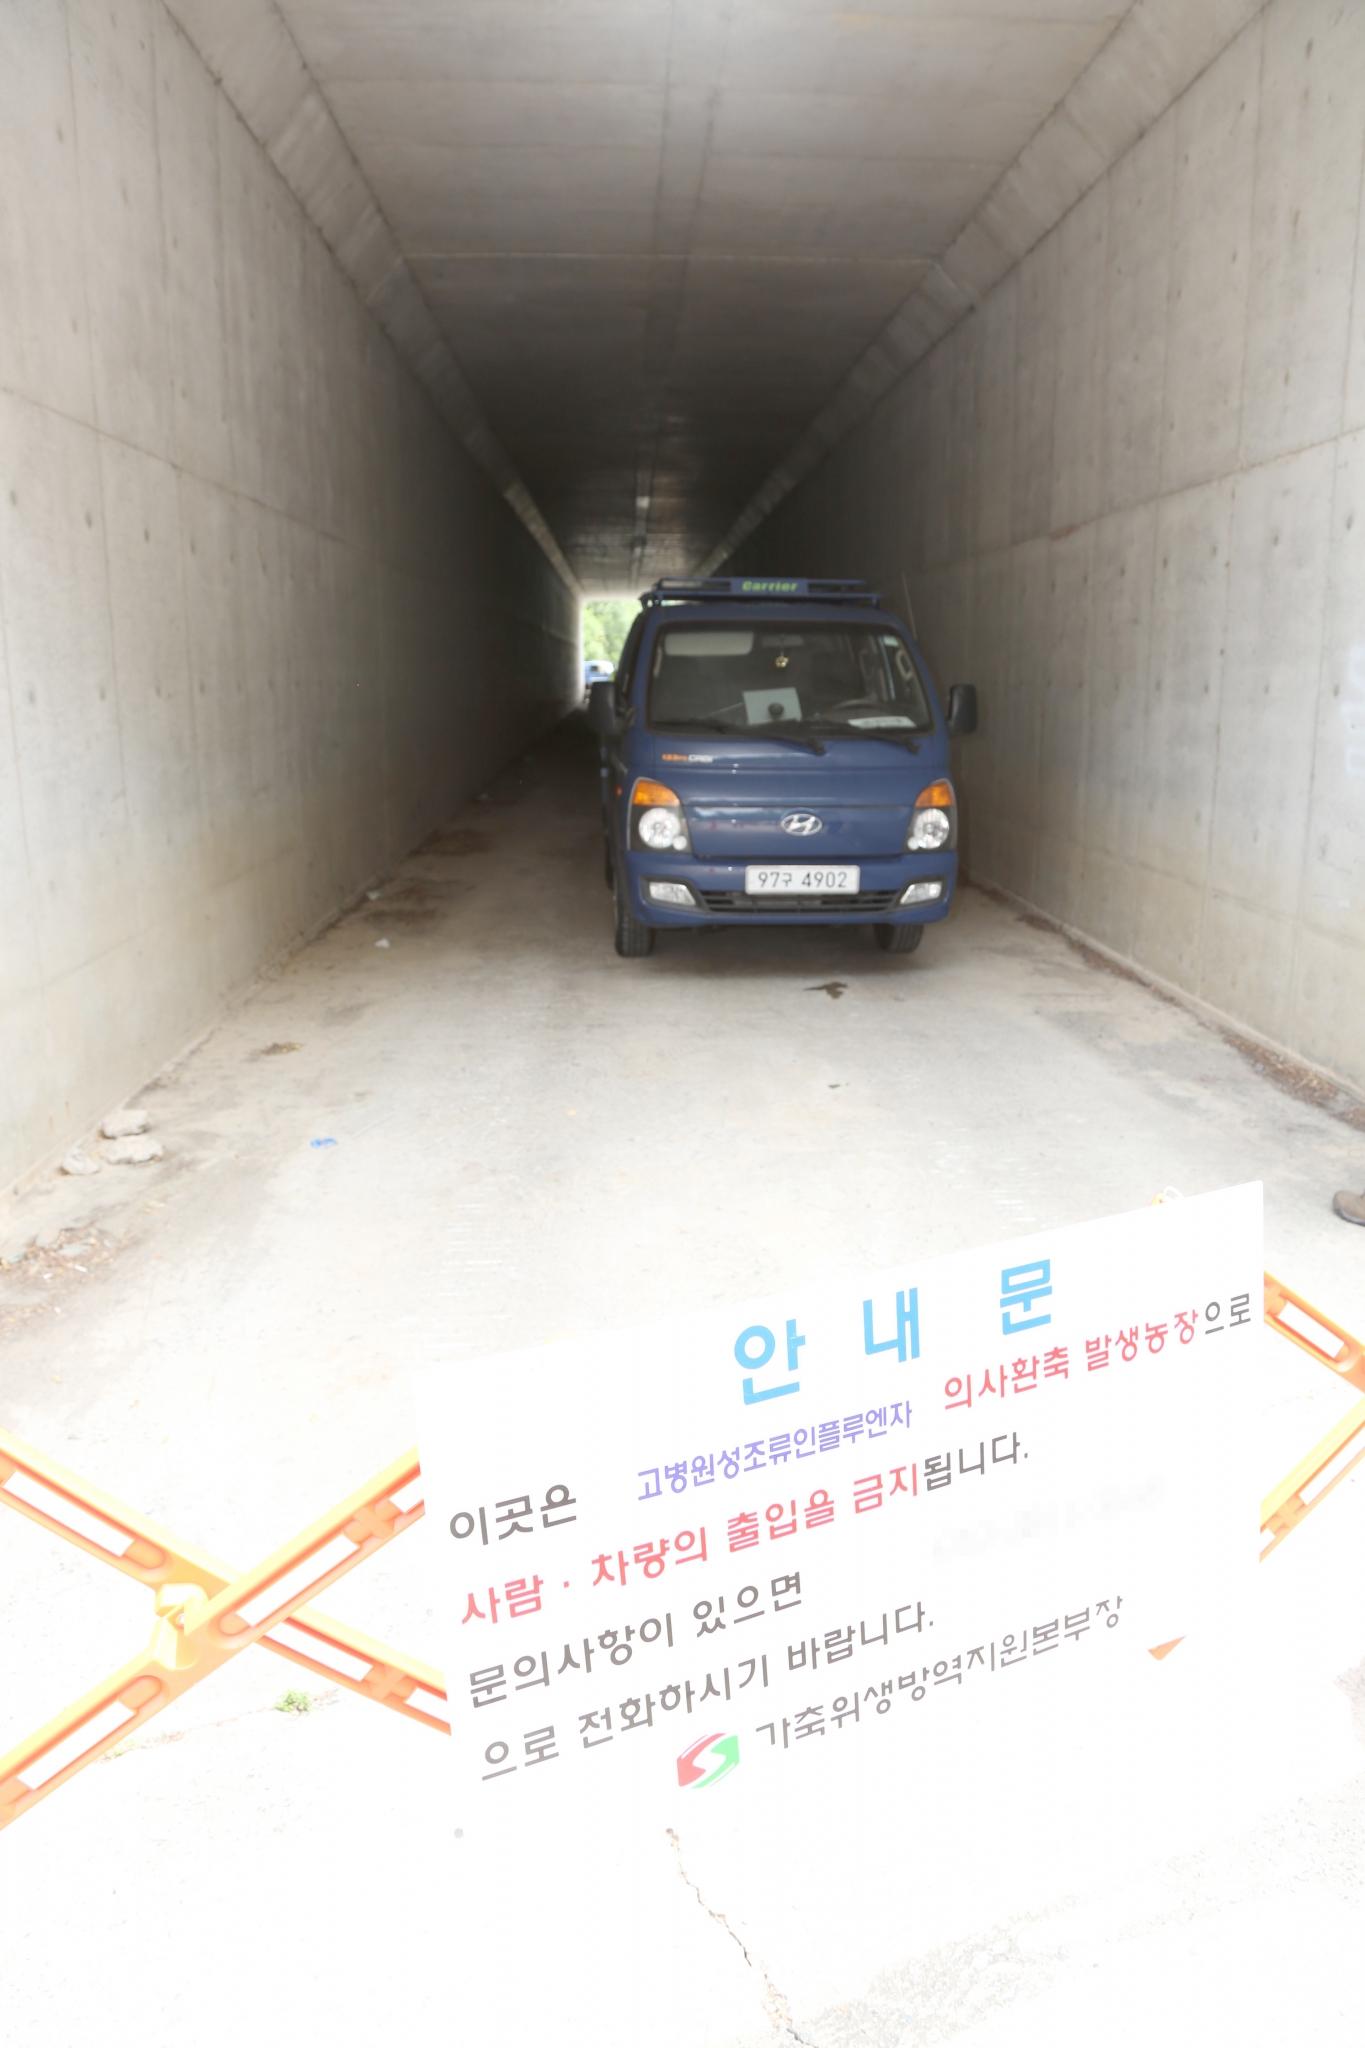 대구 AI. 22일 오전 대구 동구 한 가금류 사육장 앞에 방역 당국의 사육장 출입을 금지하는 안내문이 걸려 있다. /사진=뉴시스